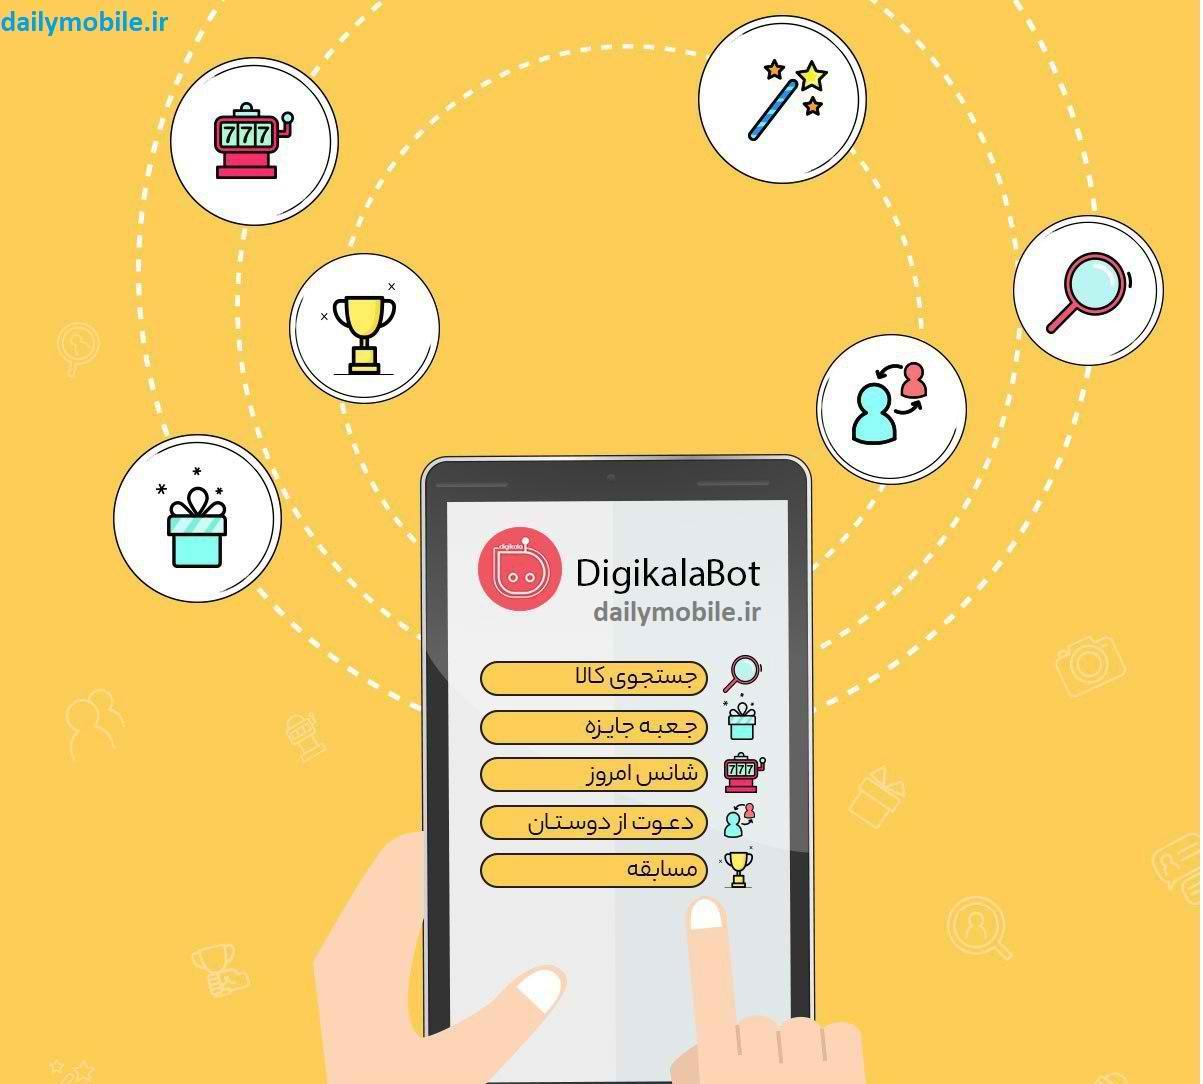 معرفی و بررسی ربات تلگرام دیجی کالا DigikalaBot telegram